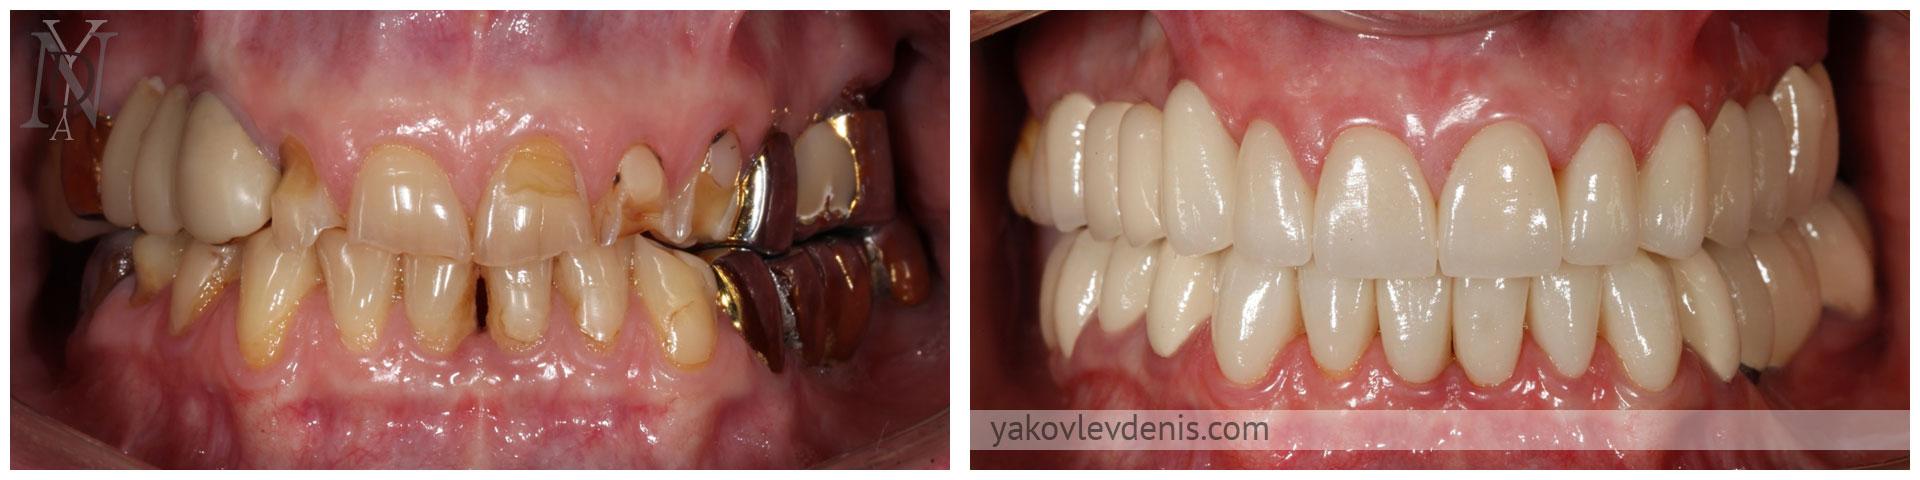 Комплексное-восстановление-зубных-рядов-12